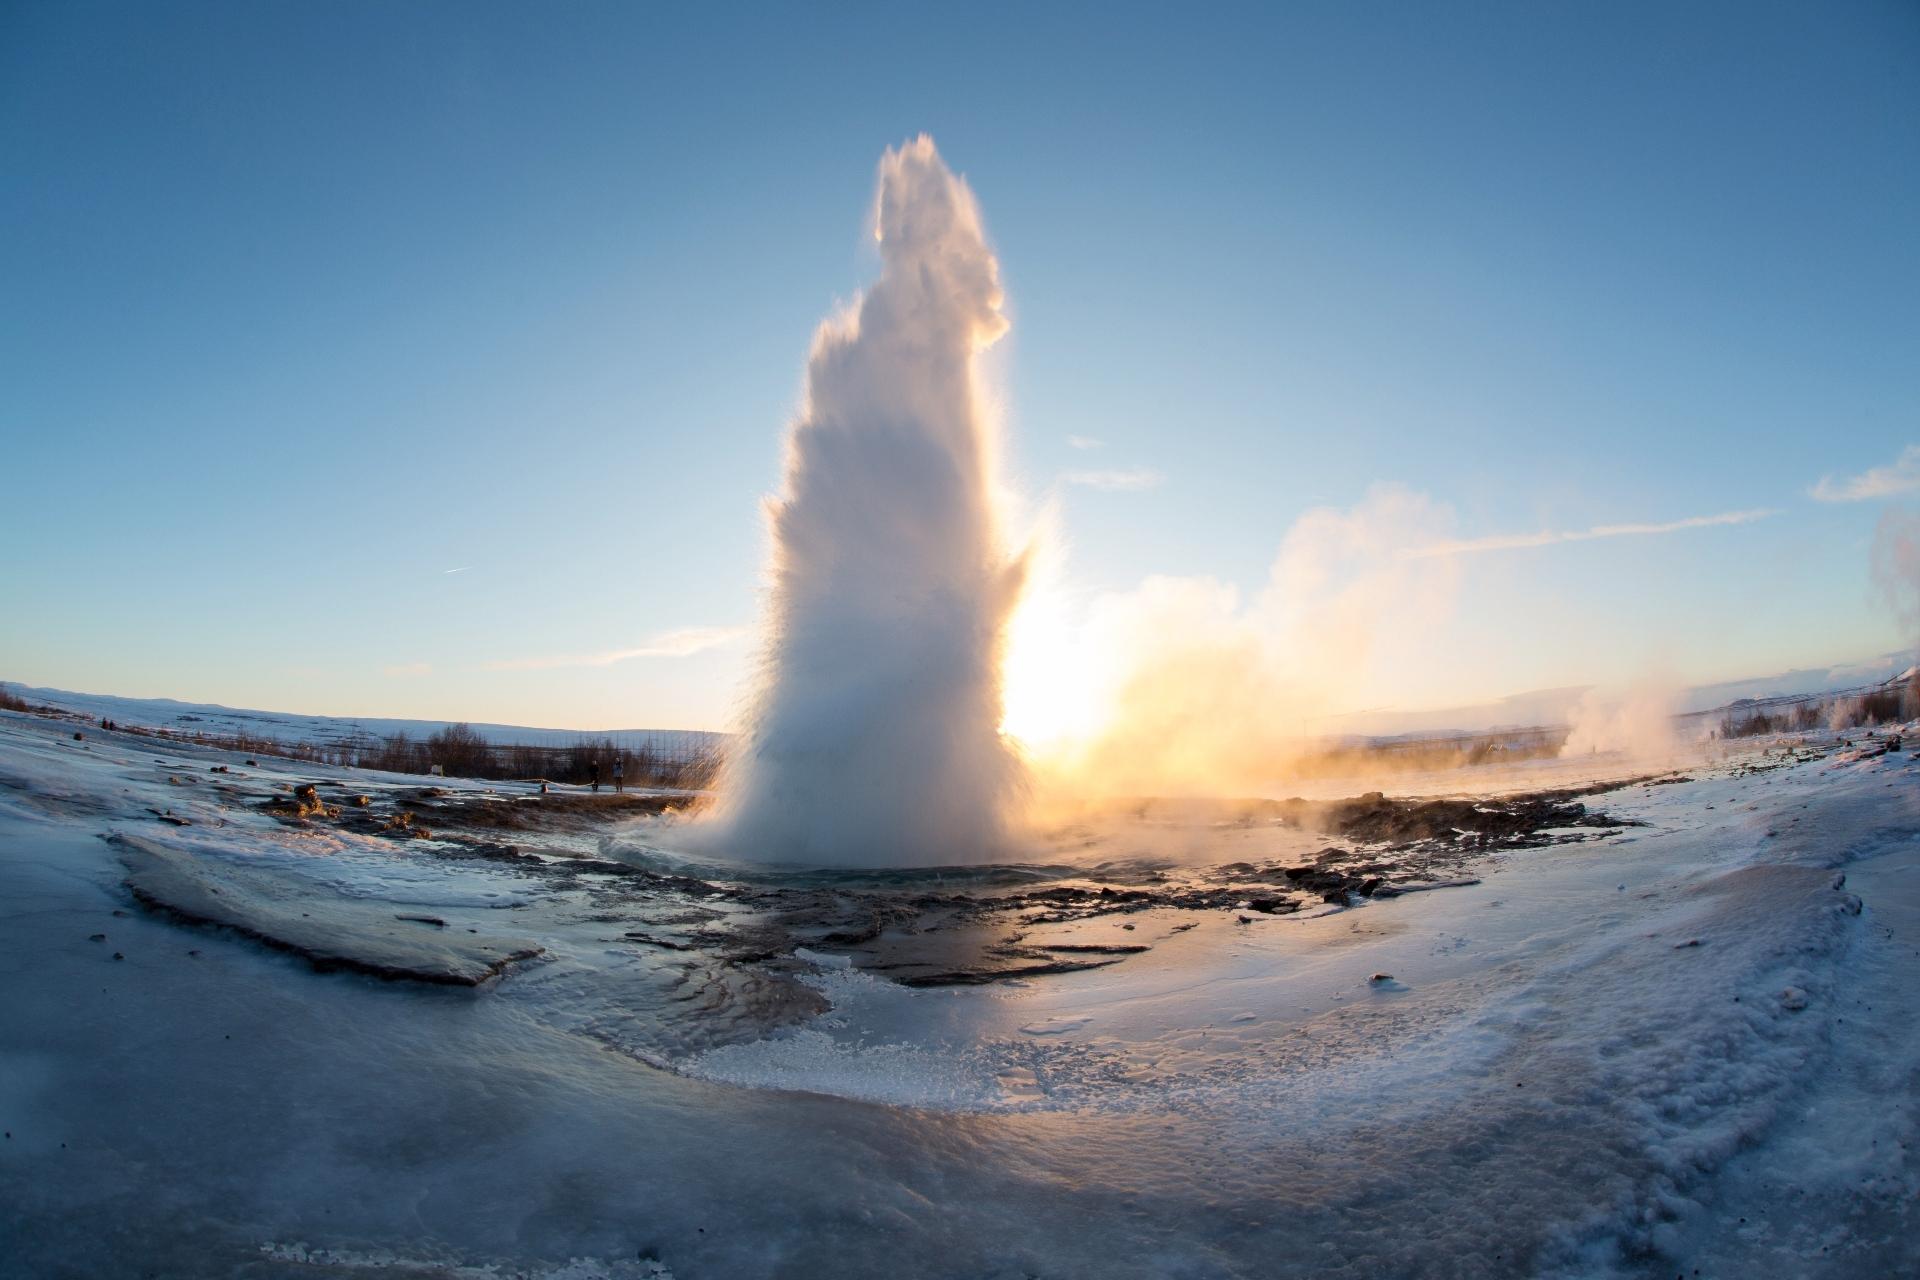 冬の朝のストロックル間欠泉 アイスランドの風景